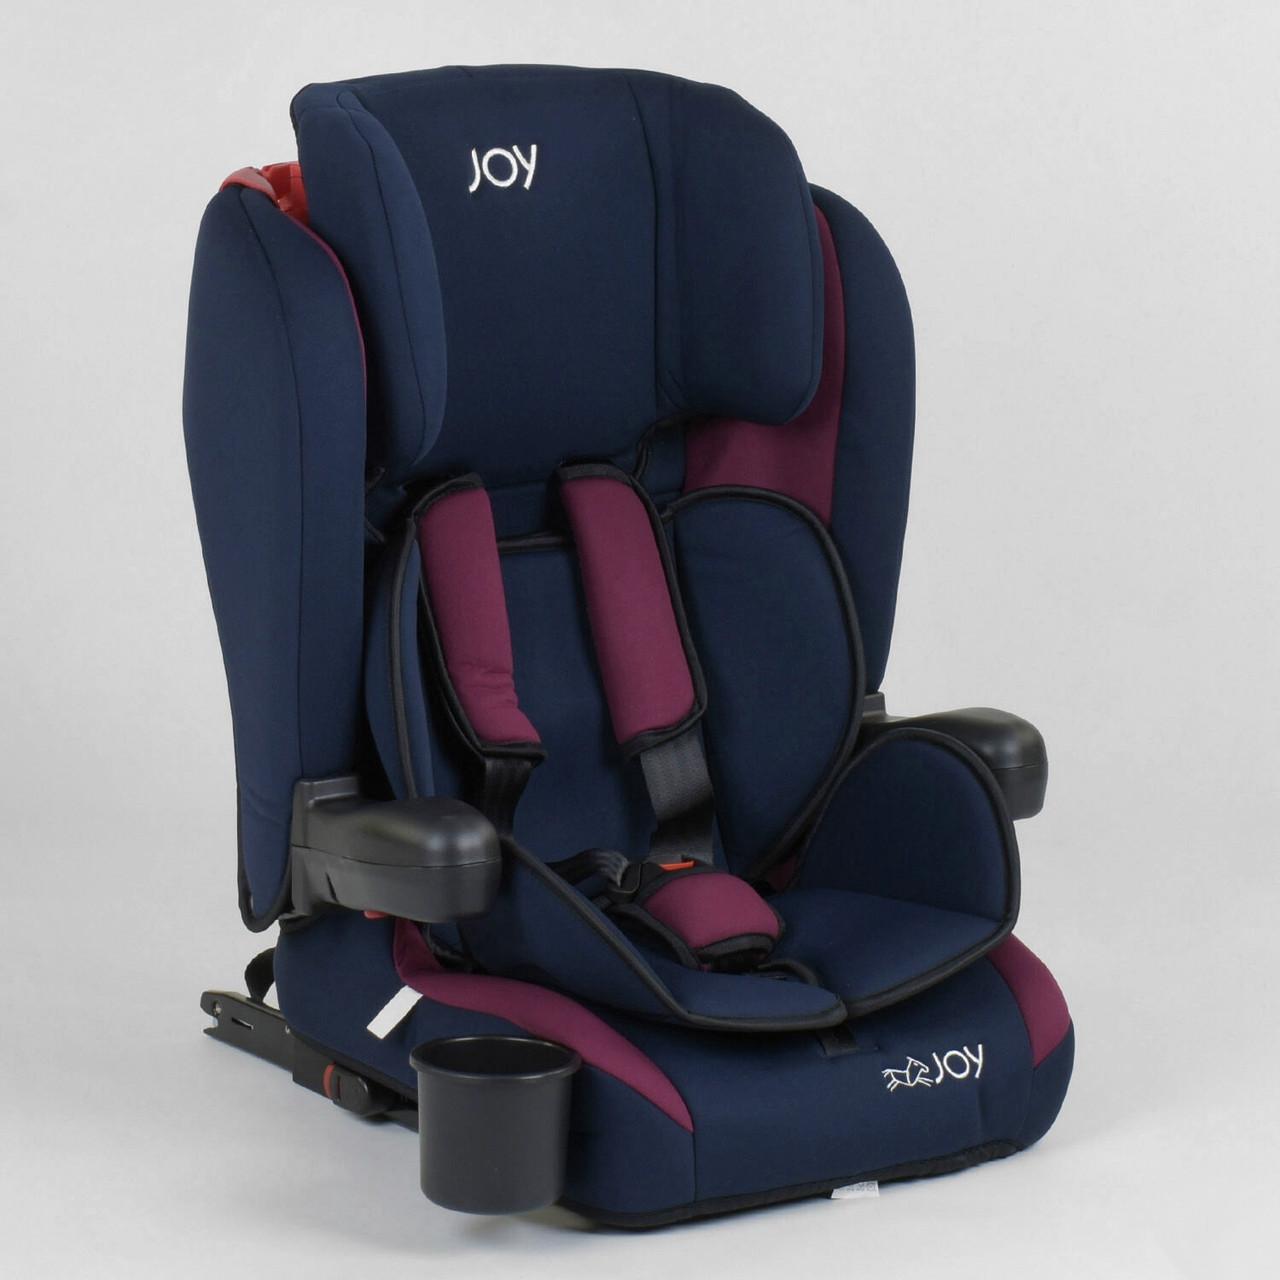 Детское автокресло JOY 72583 Темно-синий с бордовым, система ISOFIX, группа 1/2/3, от 9-36 кг